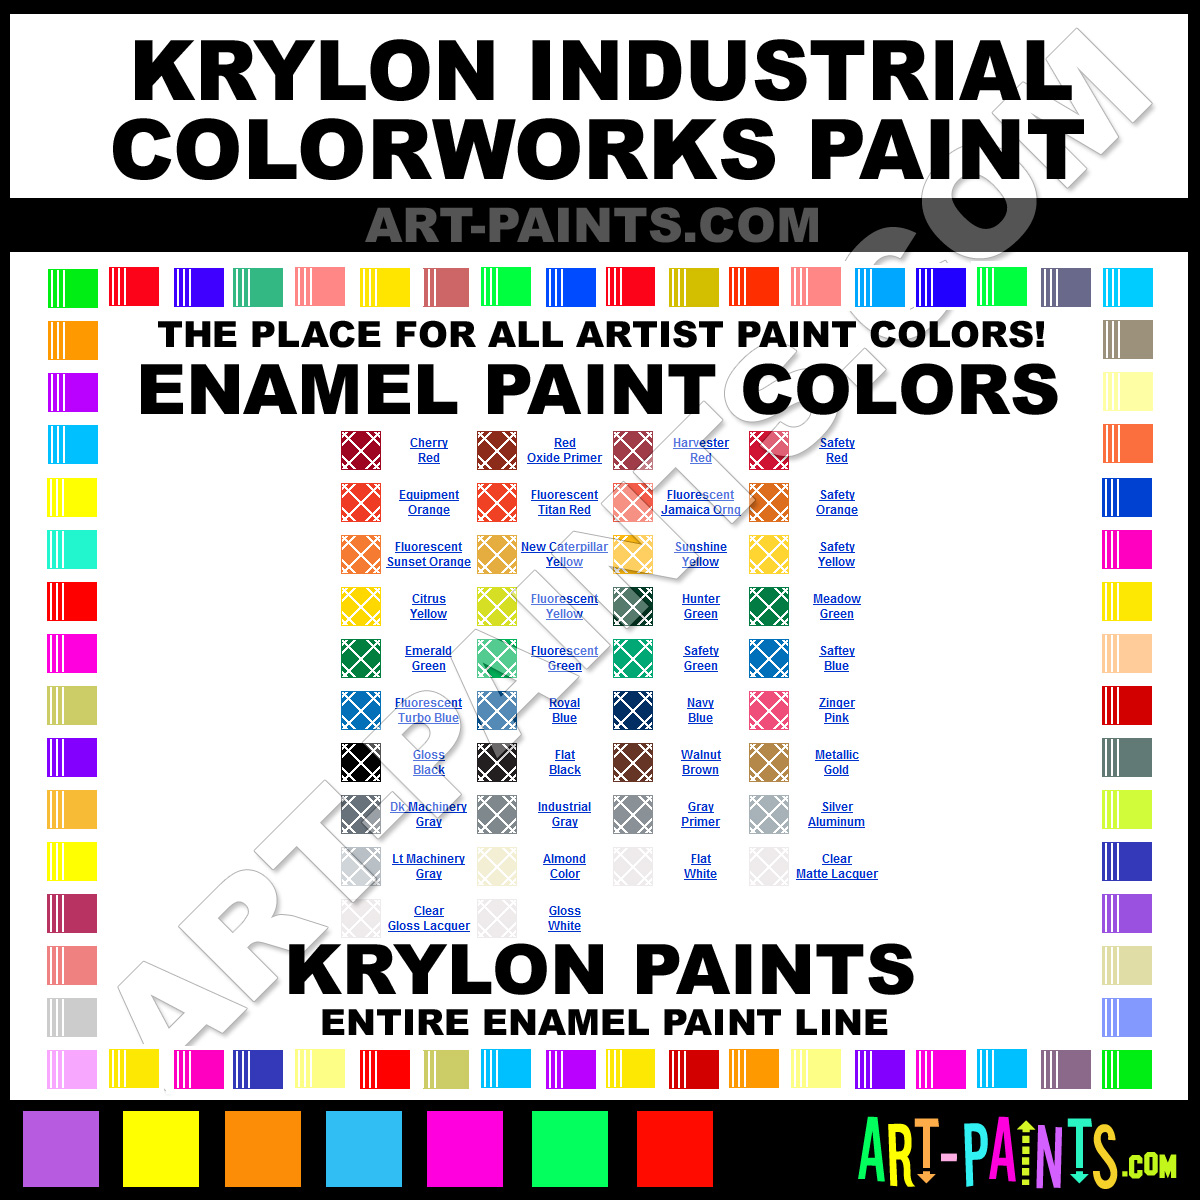 Krylon Industrial Colorworks Enamel Paint Colors Krylon Industrial Colorworks Paint Colors